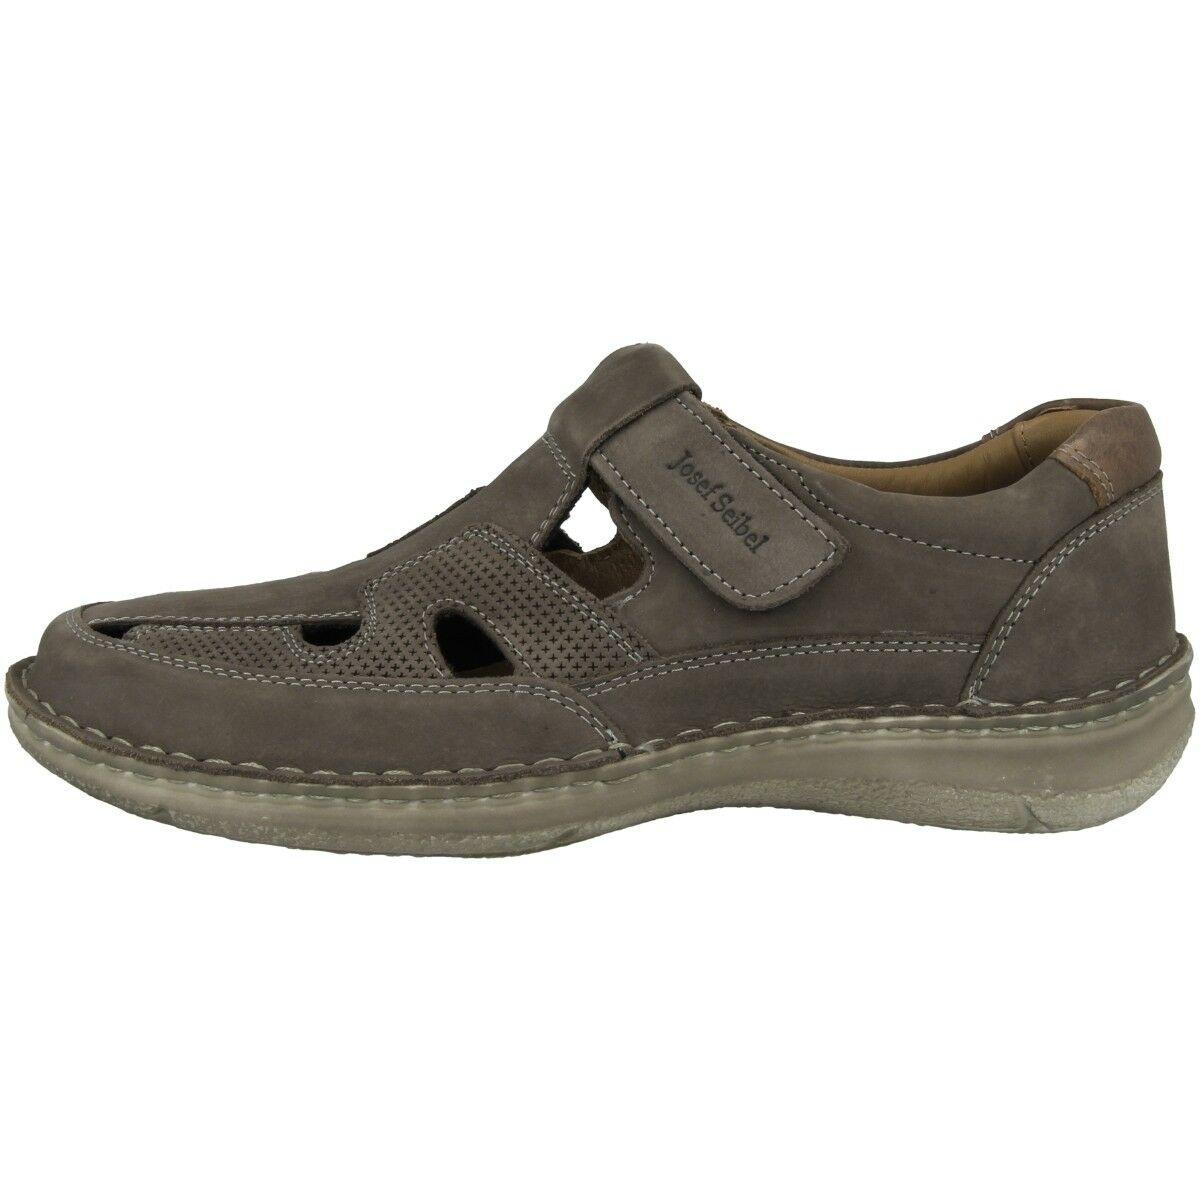 Josef Seibel Anvers 81 Schuhe Men Herren Halbschuhe Comfort Slipper 43635-21-700